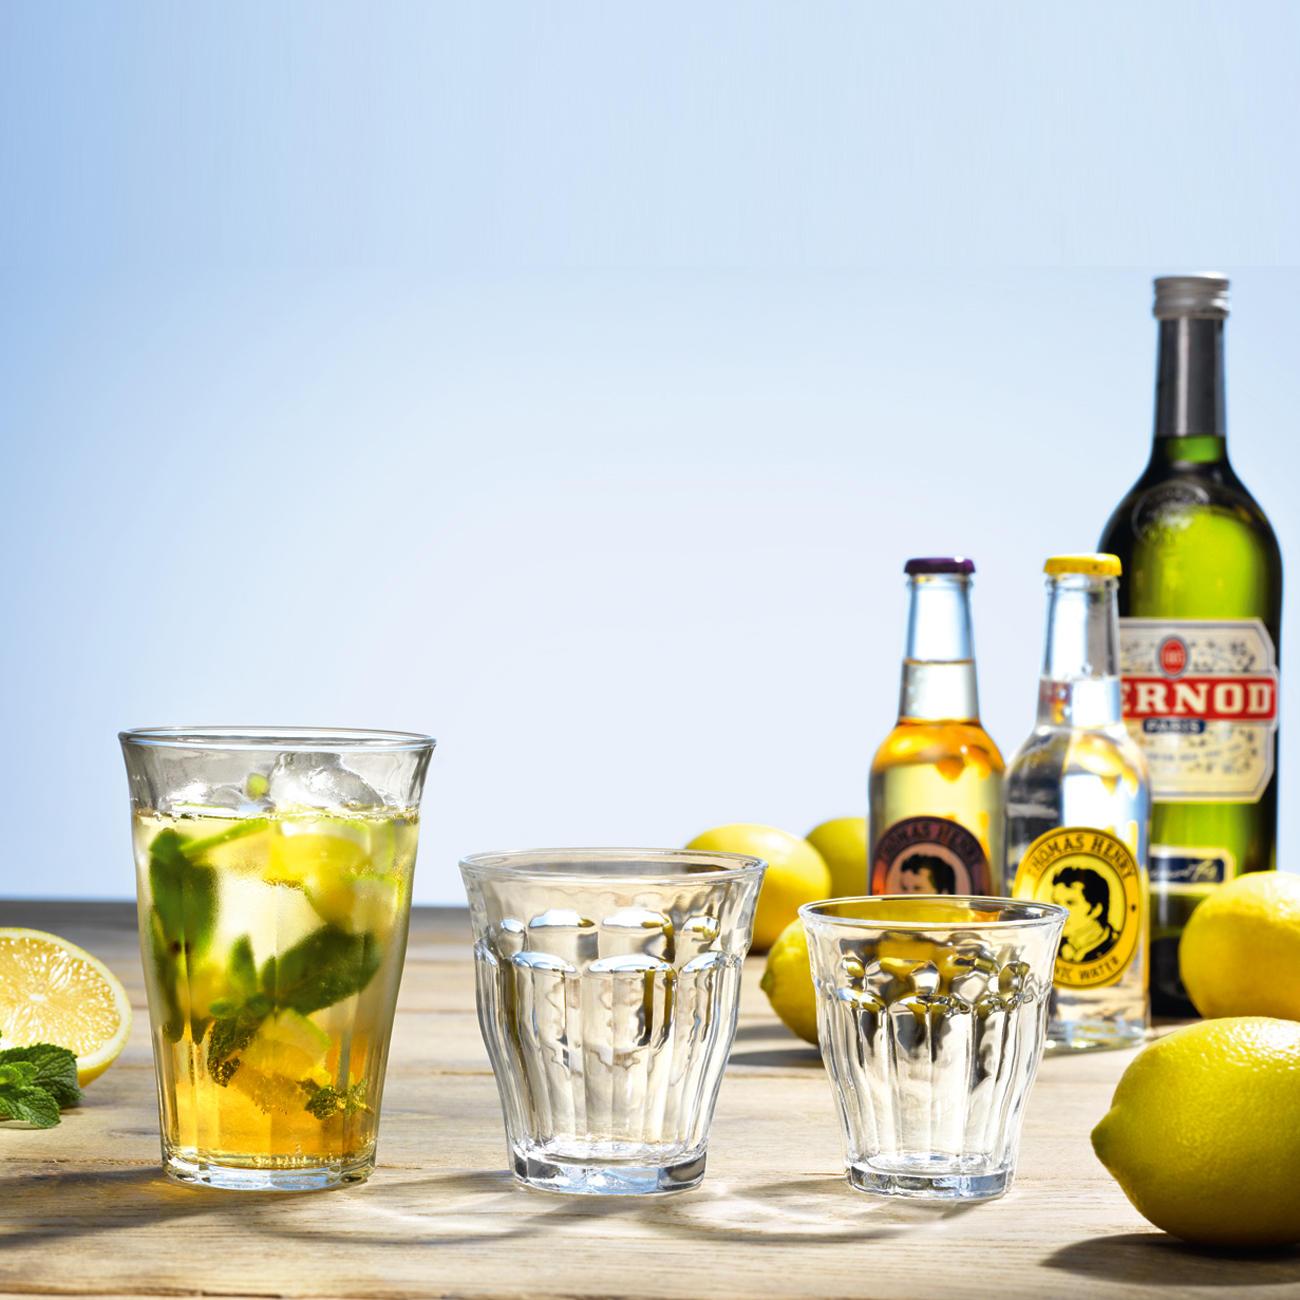 Duralex Picardie-Gläser, 6er-Set, 160 ml online kaufen